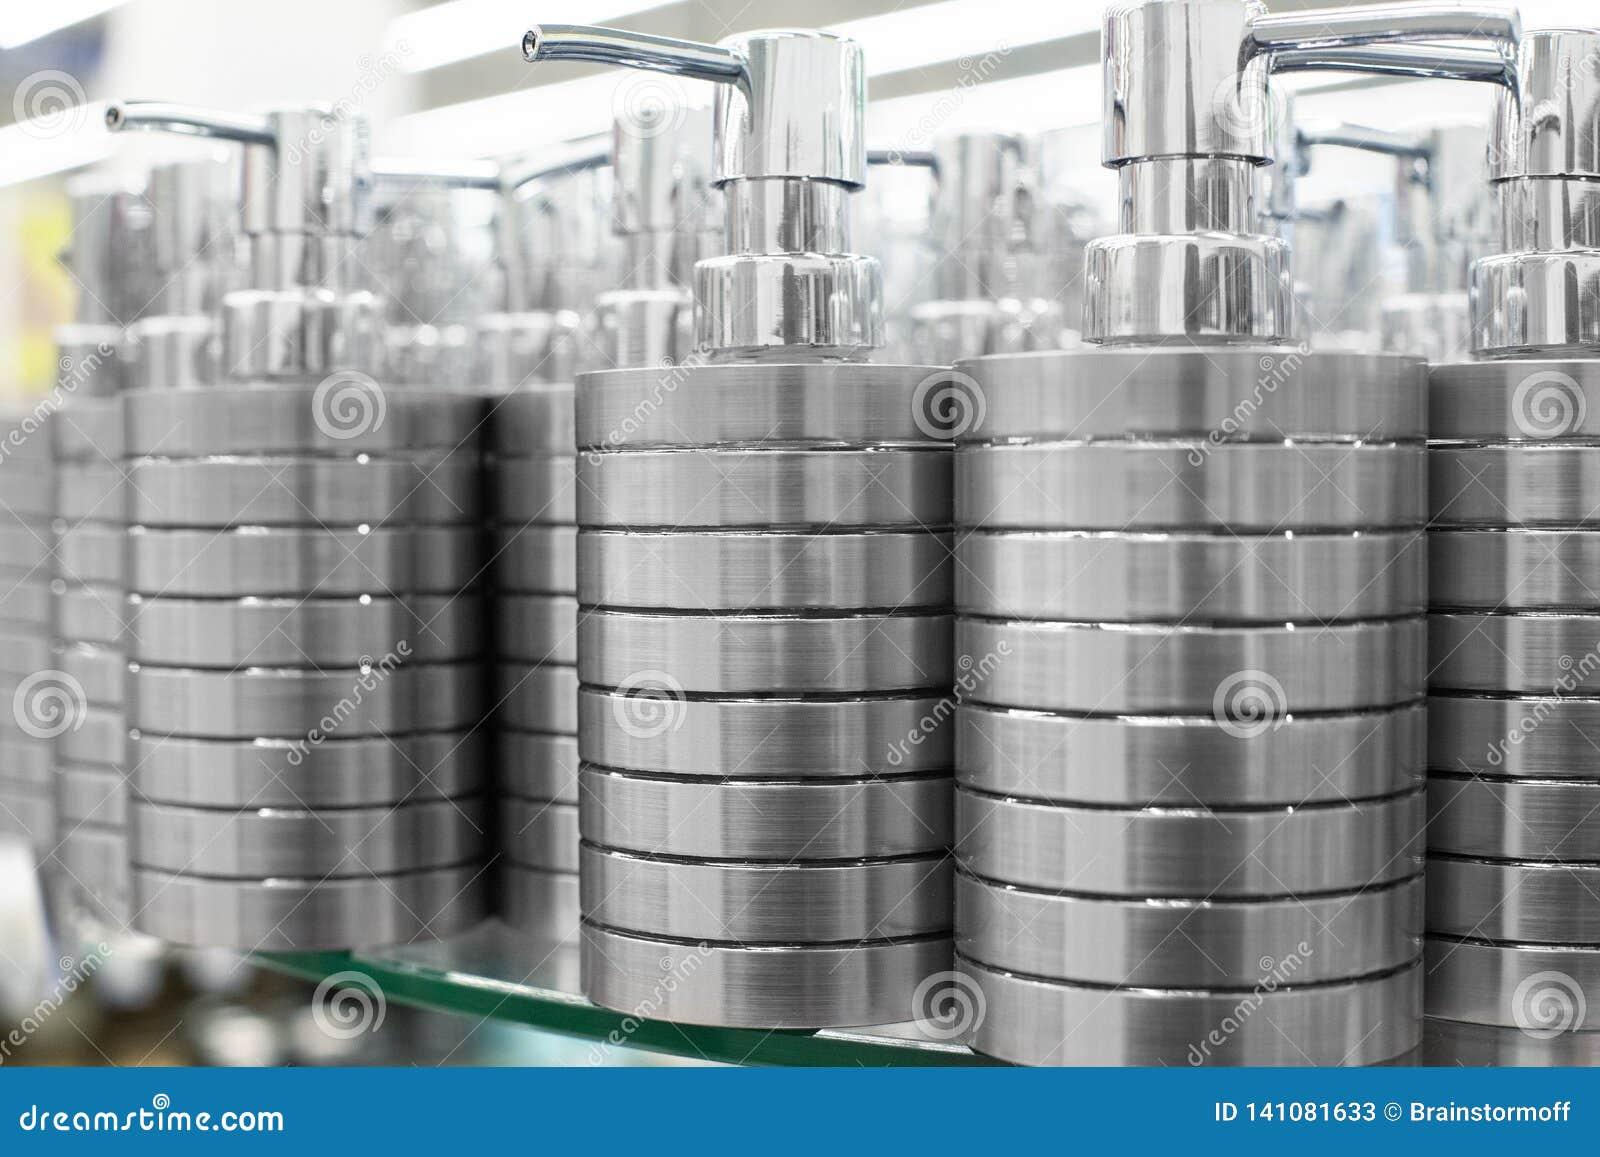 液体皂的,卫生间在玻璃的金属辅助部件浴皂盒分配器在商店搁置紧密,化妆品在零售m的待售